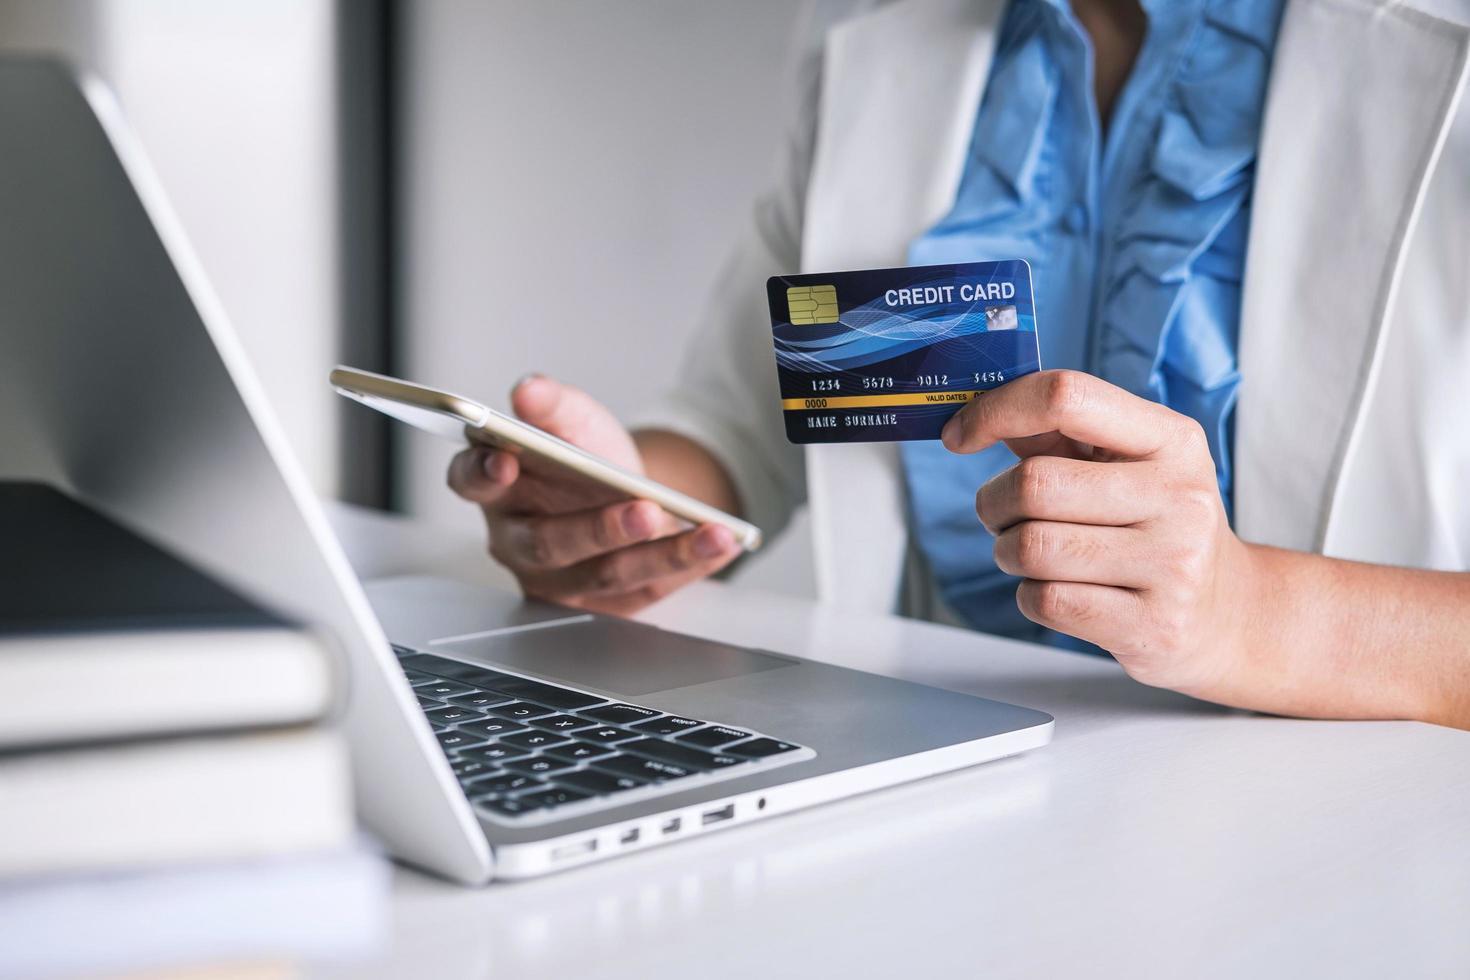 vrouw met creditcard online winkelen foto